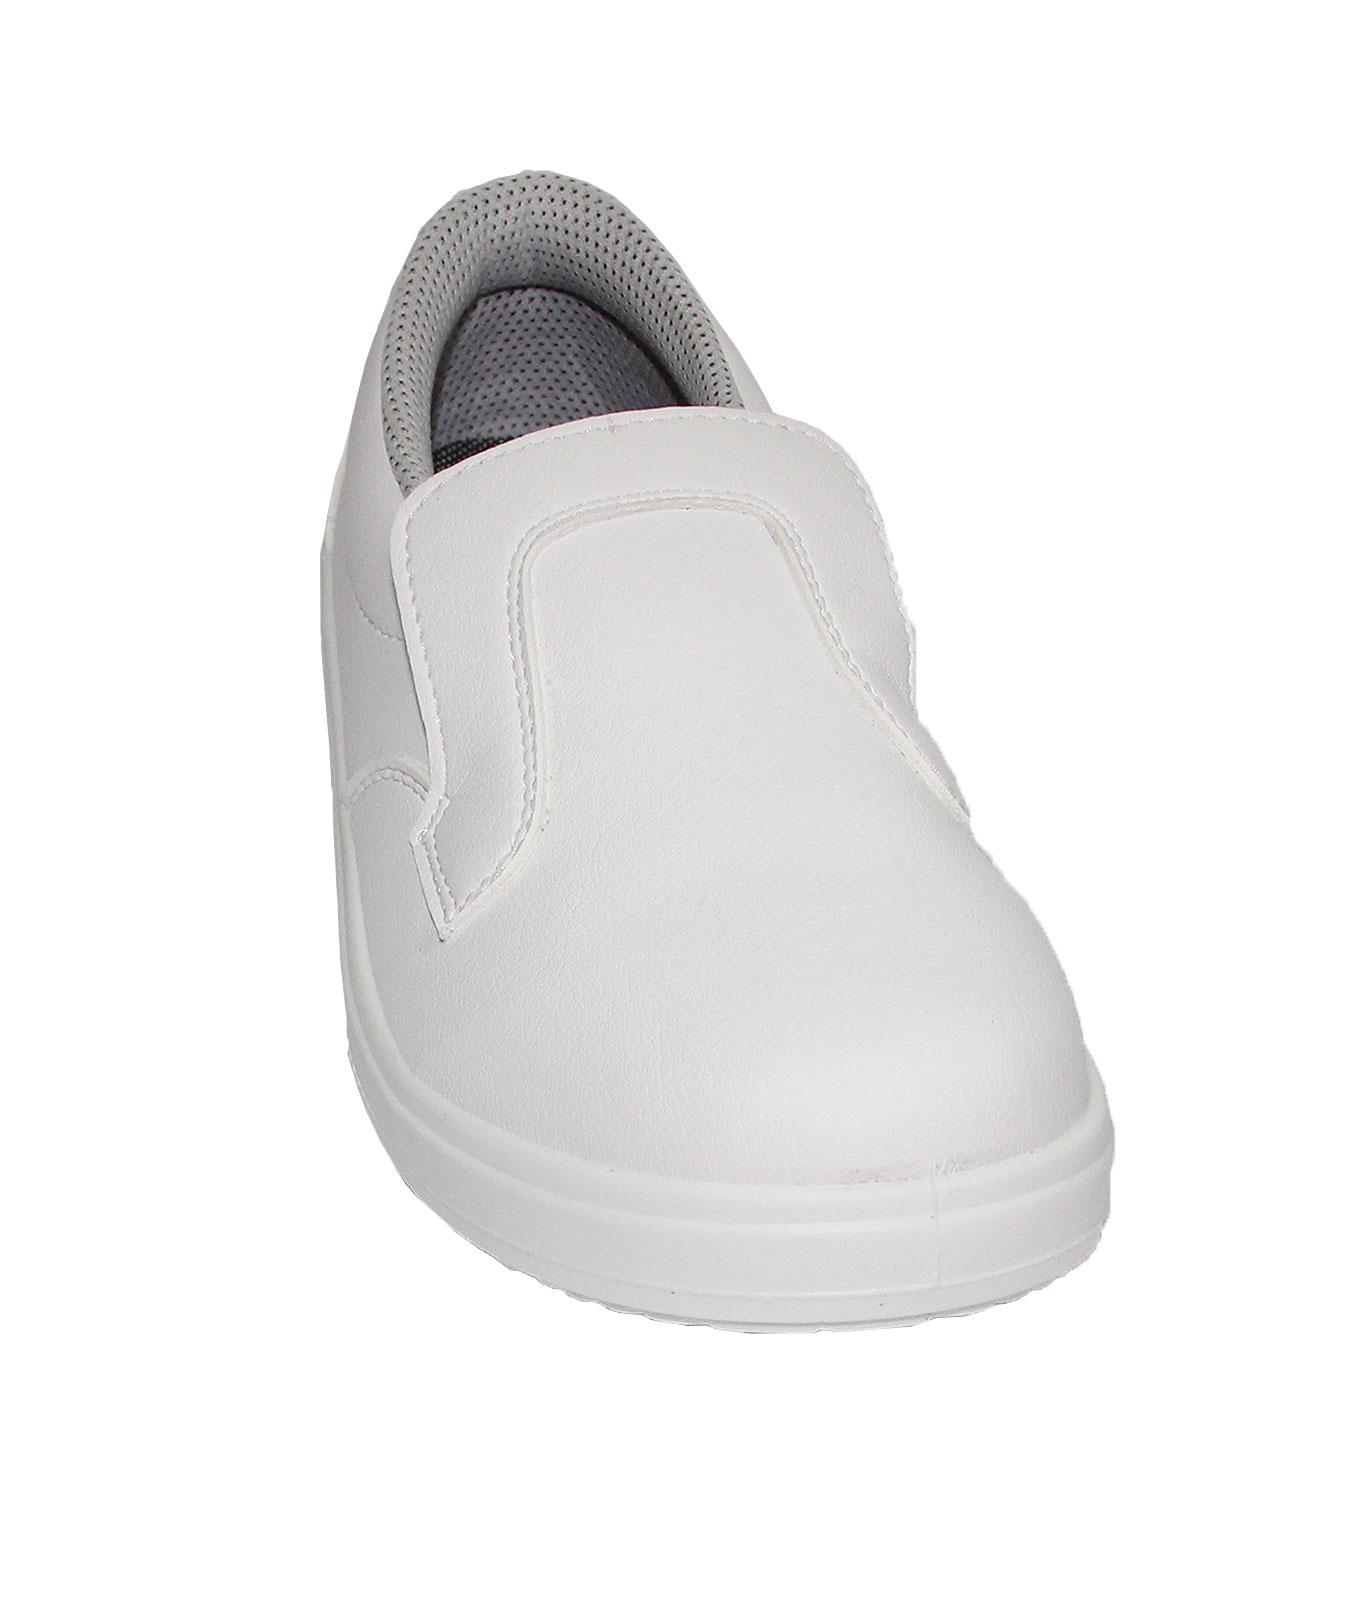 Λευκά παπούτσια 2